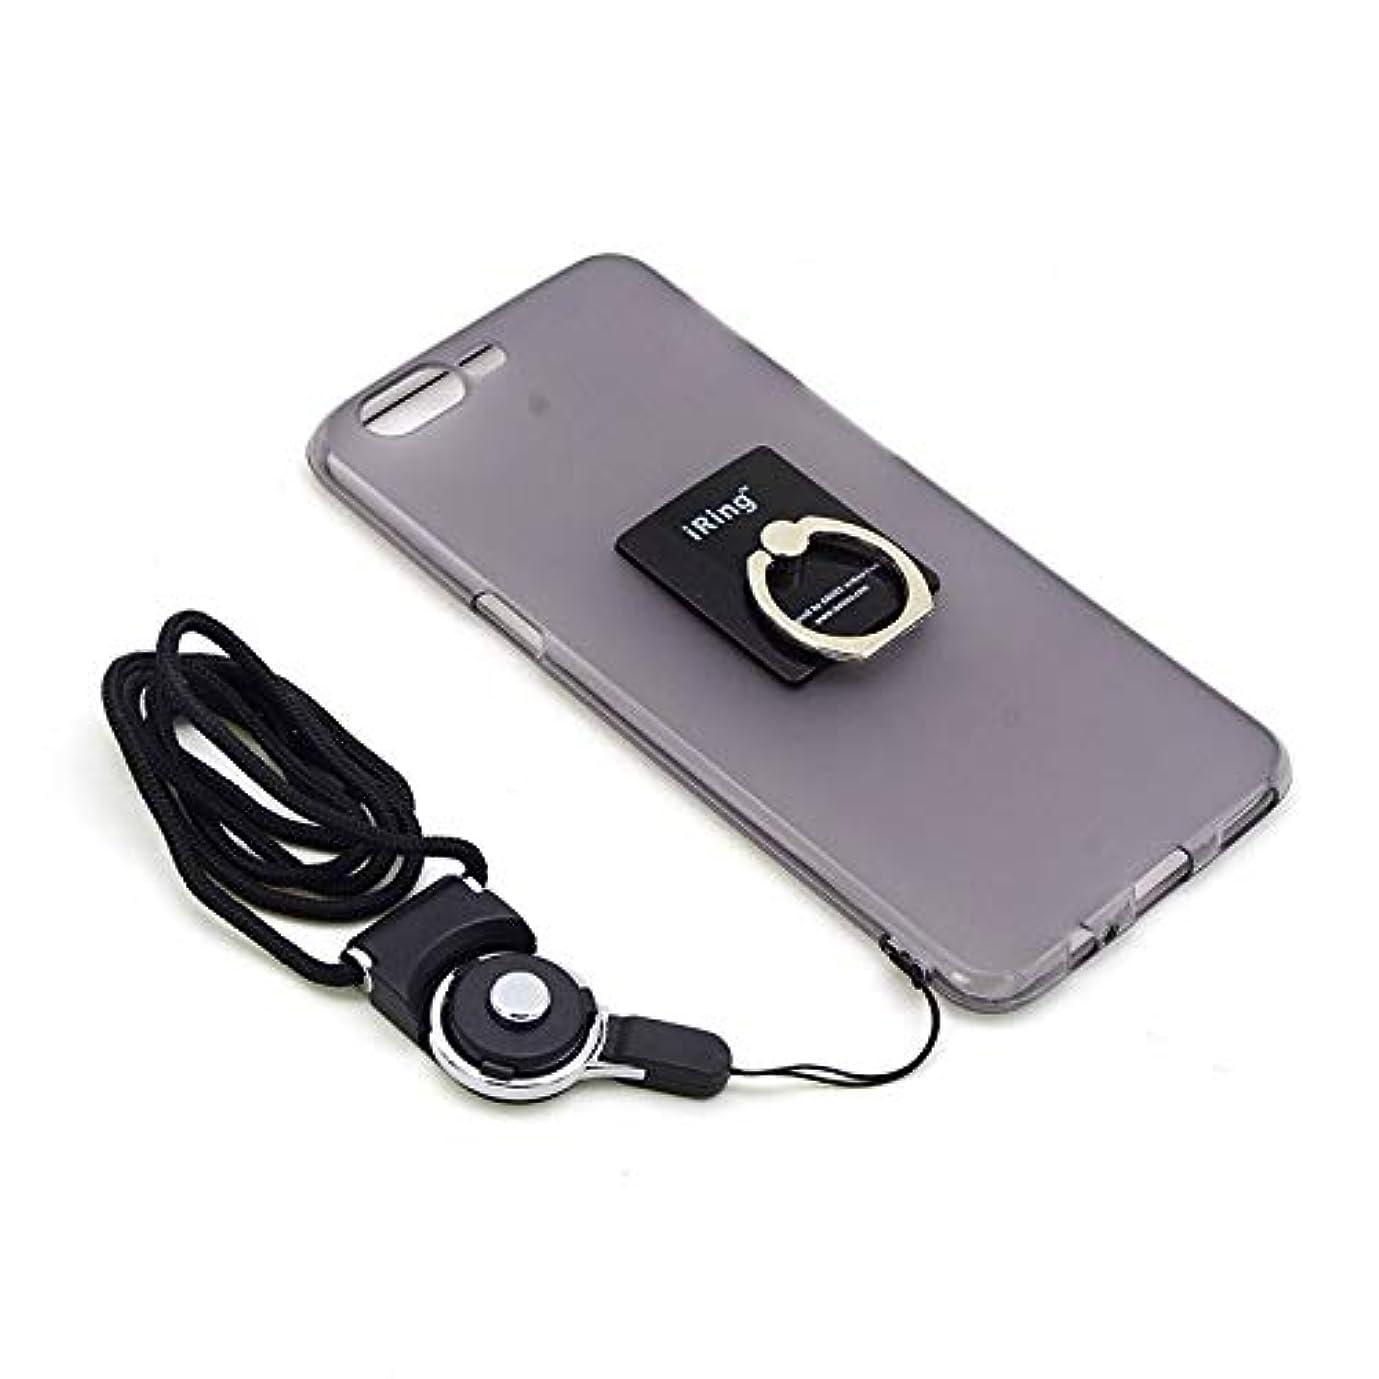 Jicorzo - Oneplusファイブメタルキーチェーンフィンガーリングホルダーのための新しい携帯電話ケースONE PLUS 5 1プラス3T TPUケースについてネックストラップスタンド